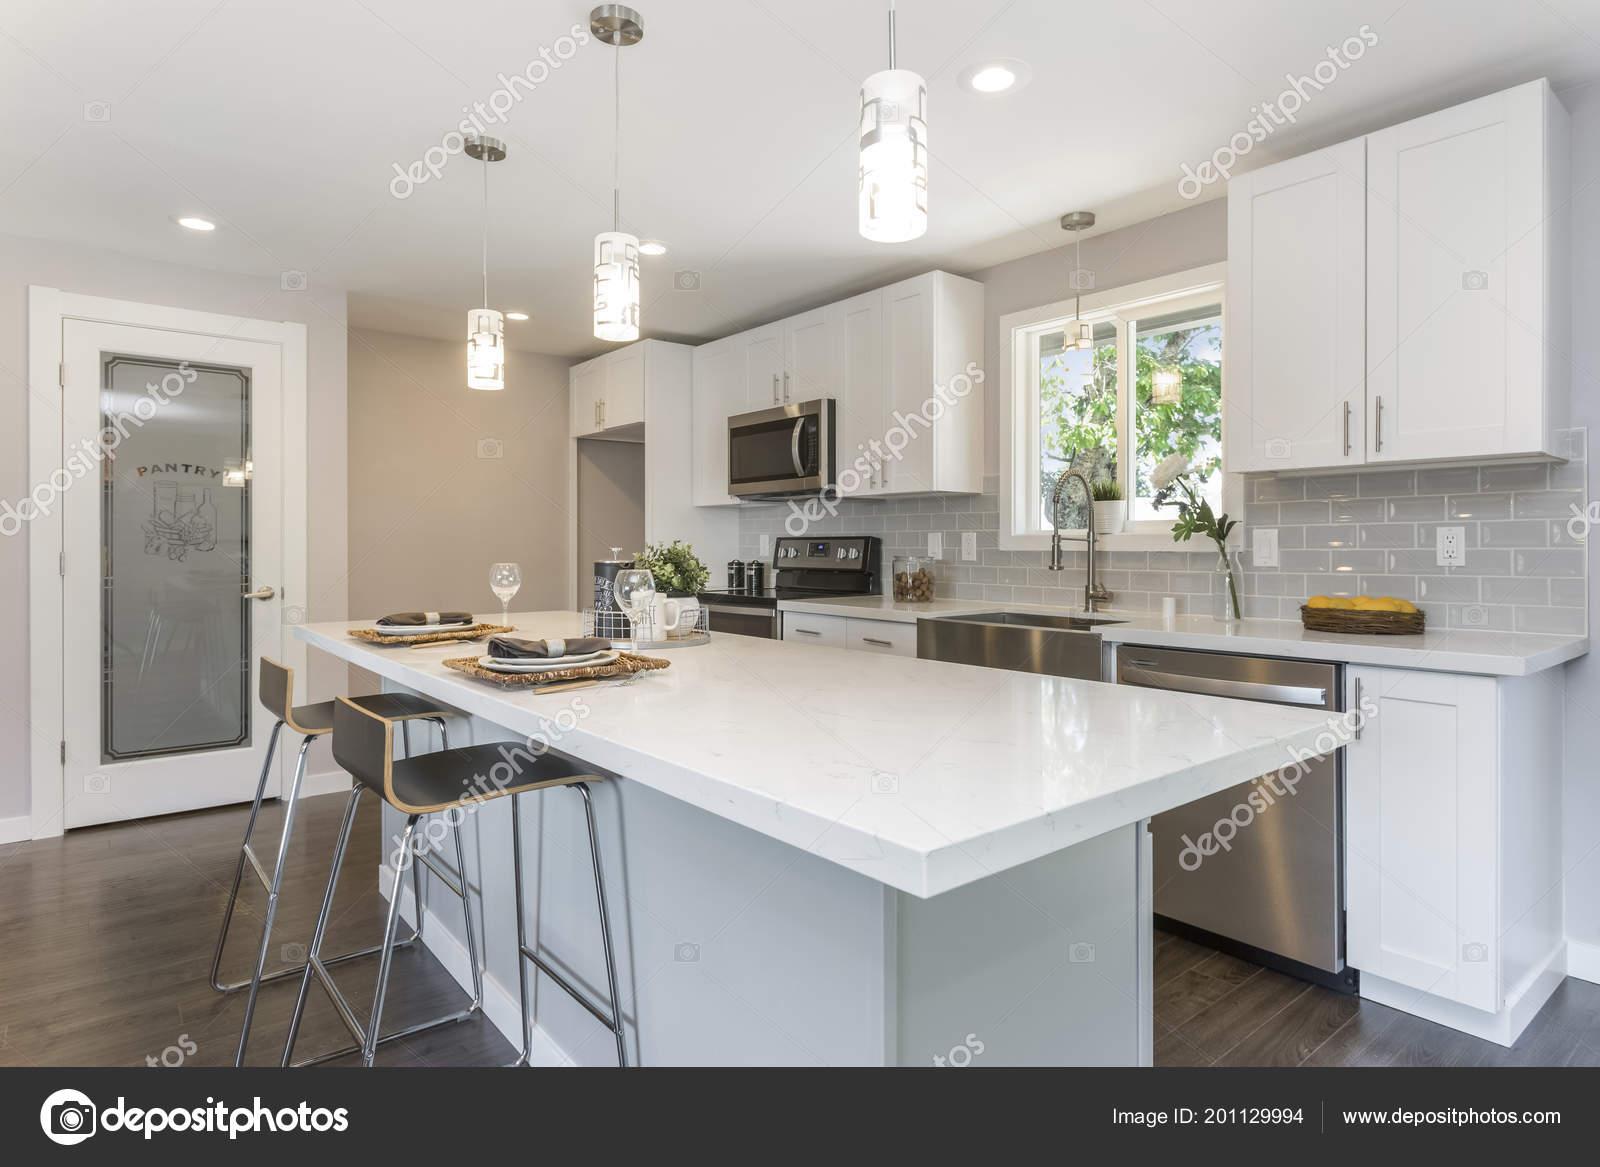 Keuken Plattegrond Open : Prachtige keuken met open concept plattegrond witte kasten enorme